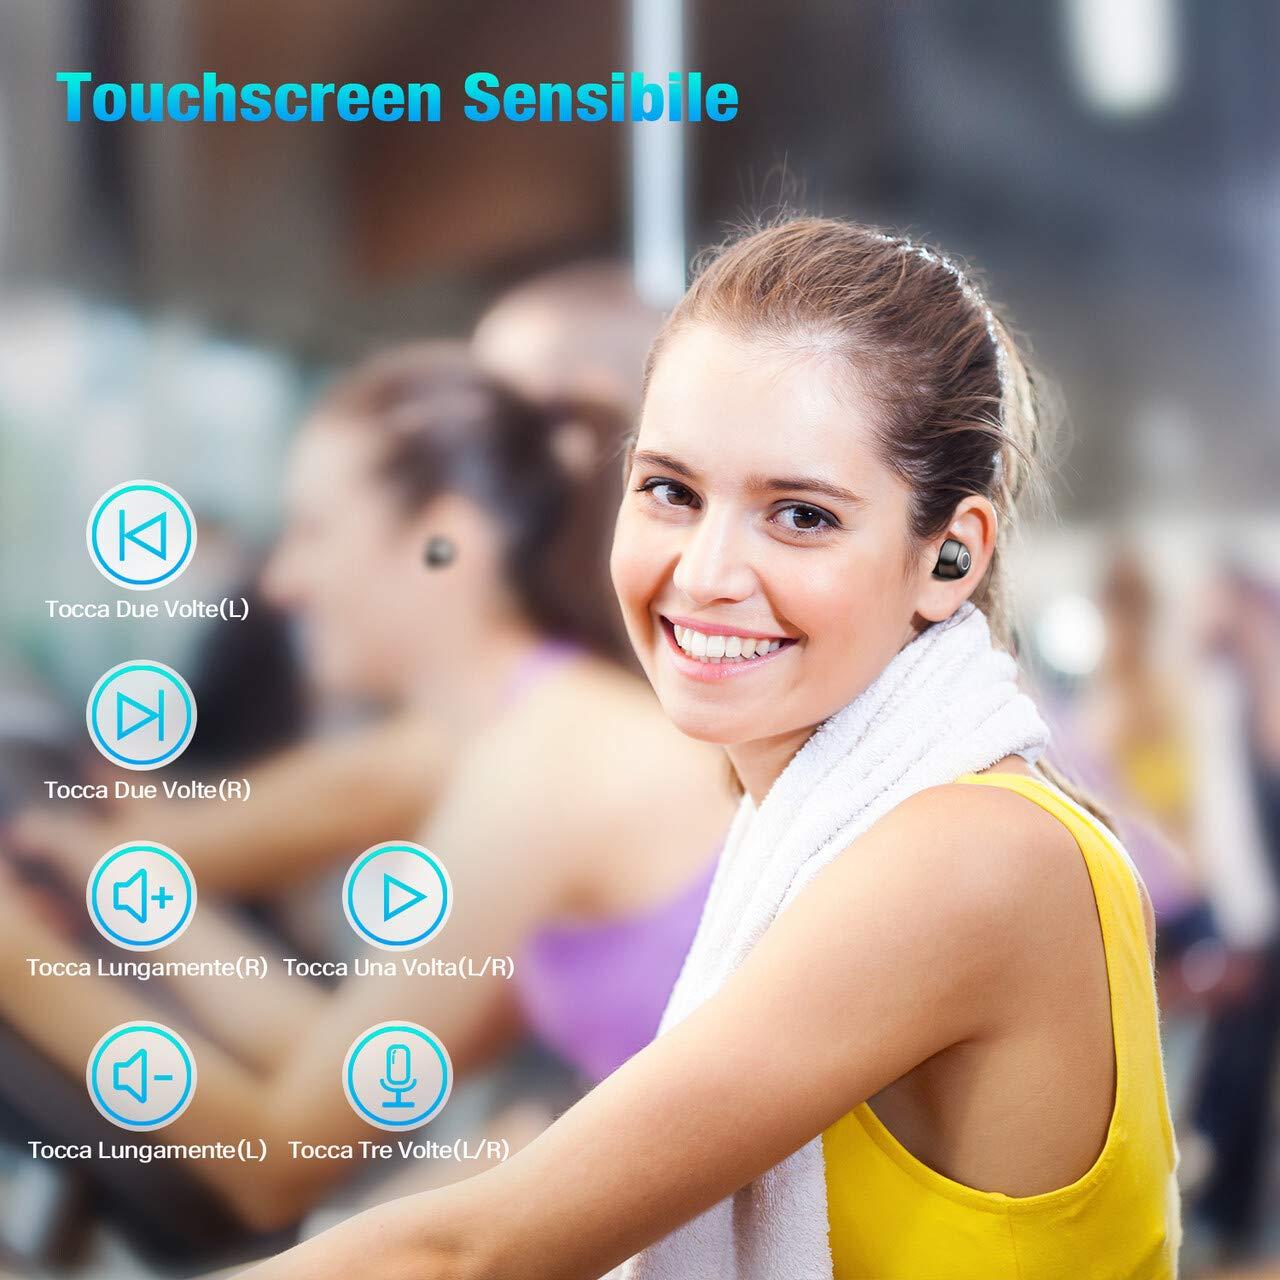 POWERADD Cuffie Bluetooth - Cuffie Bluetooth Senza Fili - Auricolare Bluetooth Wireless HD Stereo Con Display LCD - Compatto - Portatile e IPX7 Alta Impermeabile Perfetto per iOS Android